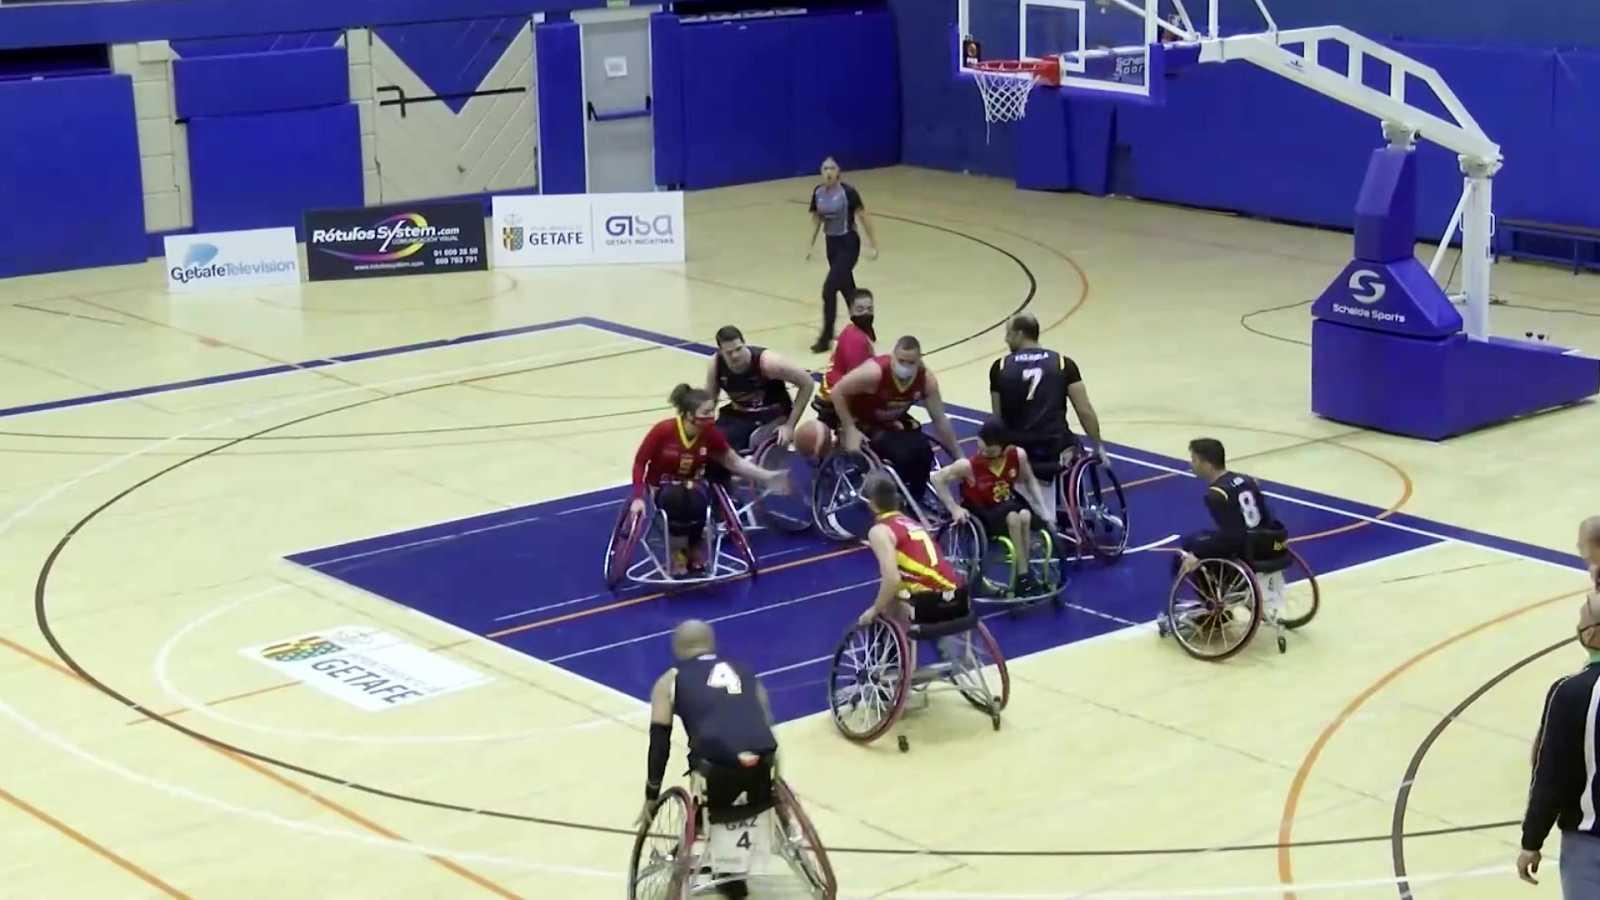 Baloncesto en silla de ruedas - Liga BSR División de Honor. Resumen Jornada 3 - ver ahora